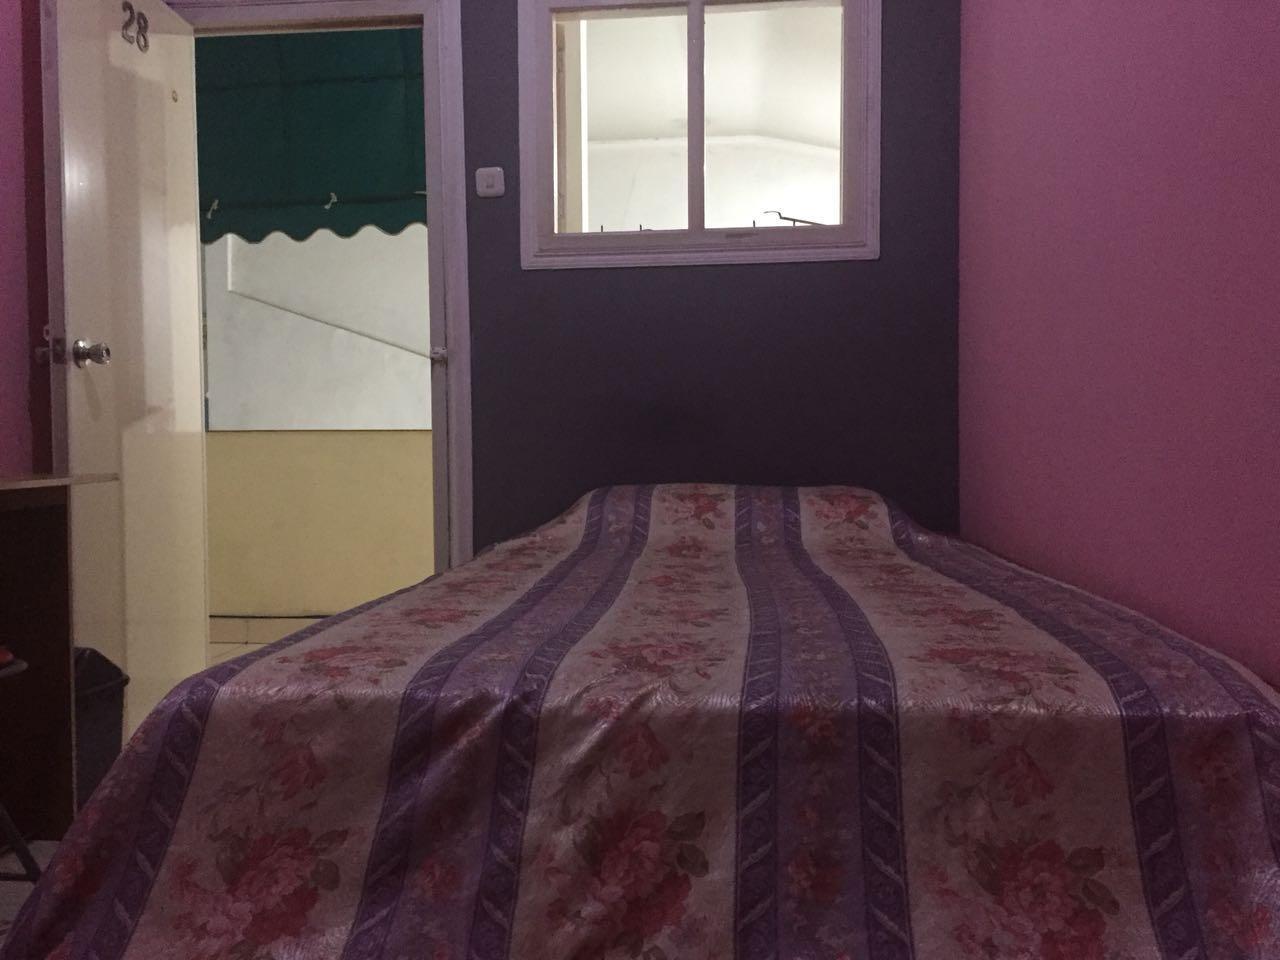 Puri Senayan 28 Single Bed Room di Jakarta DKI Jakarta Indonesia